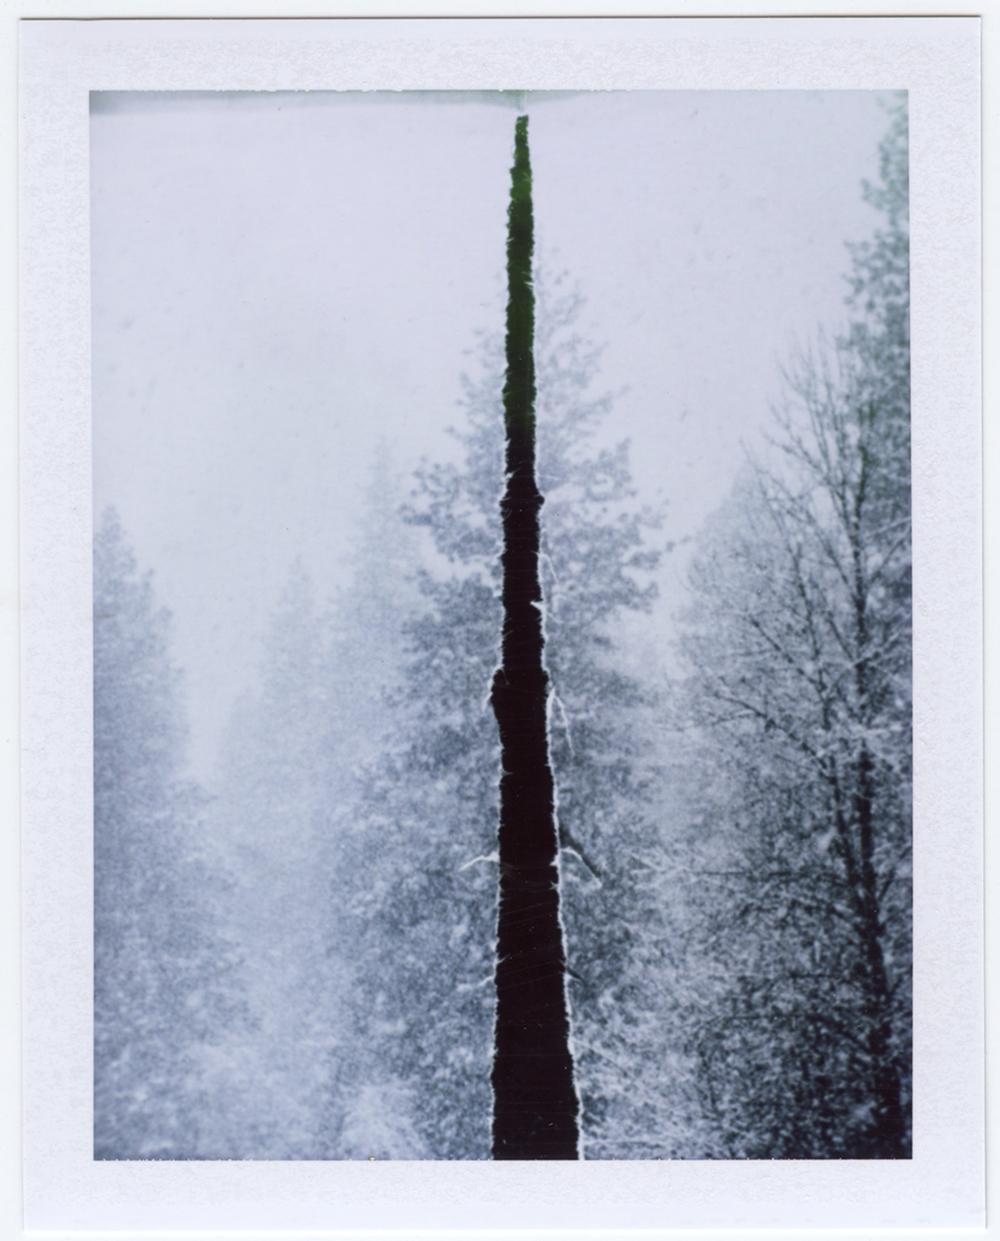 Fractured (when a tree falls), Serrah Russell